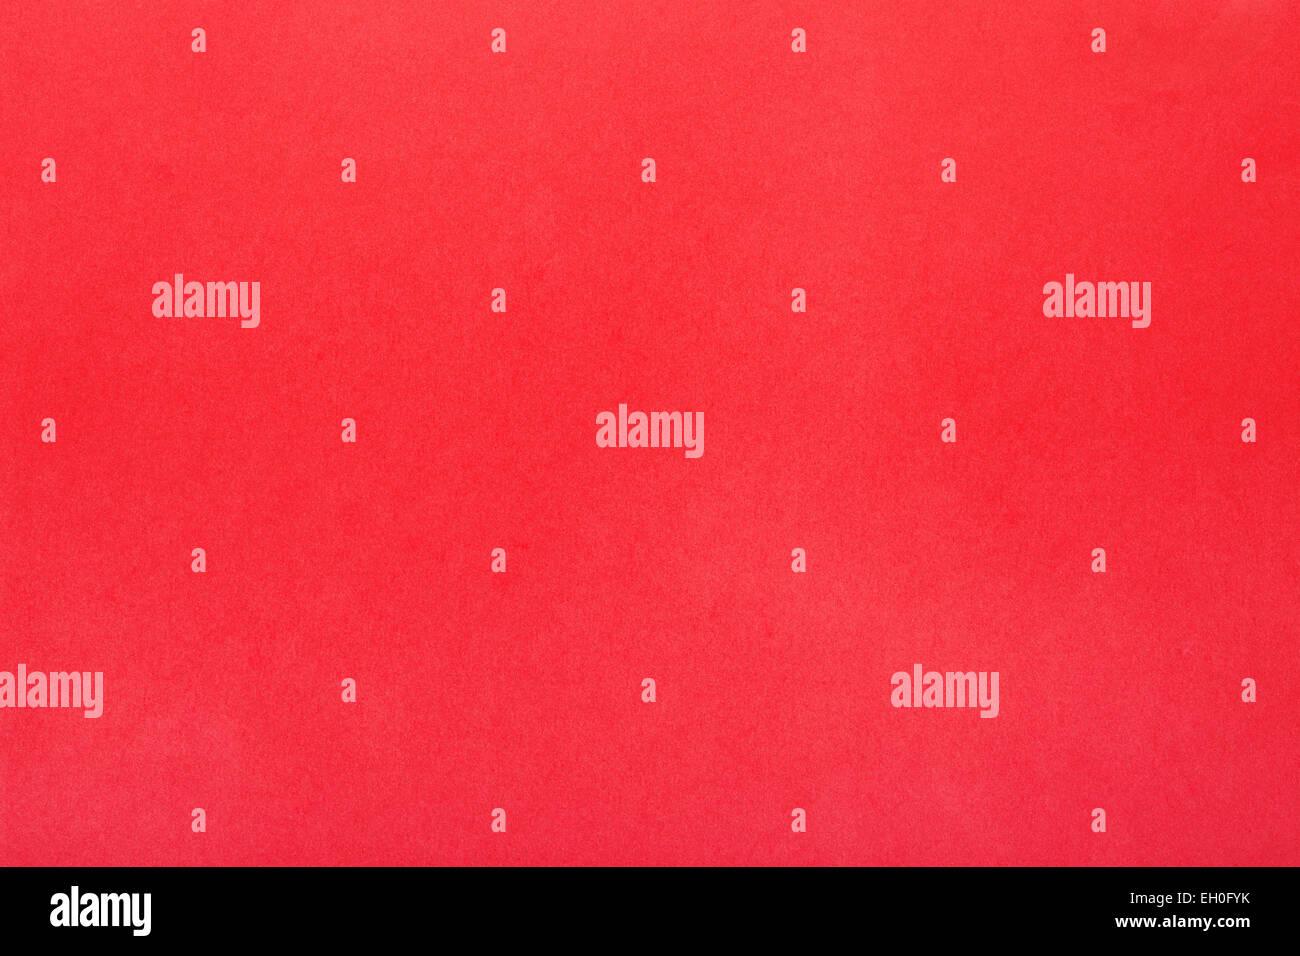 Sfondo Rosso Semplice Di Grana Carta Foto Immagine Stock